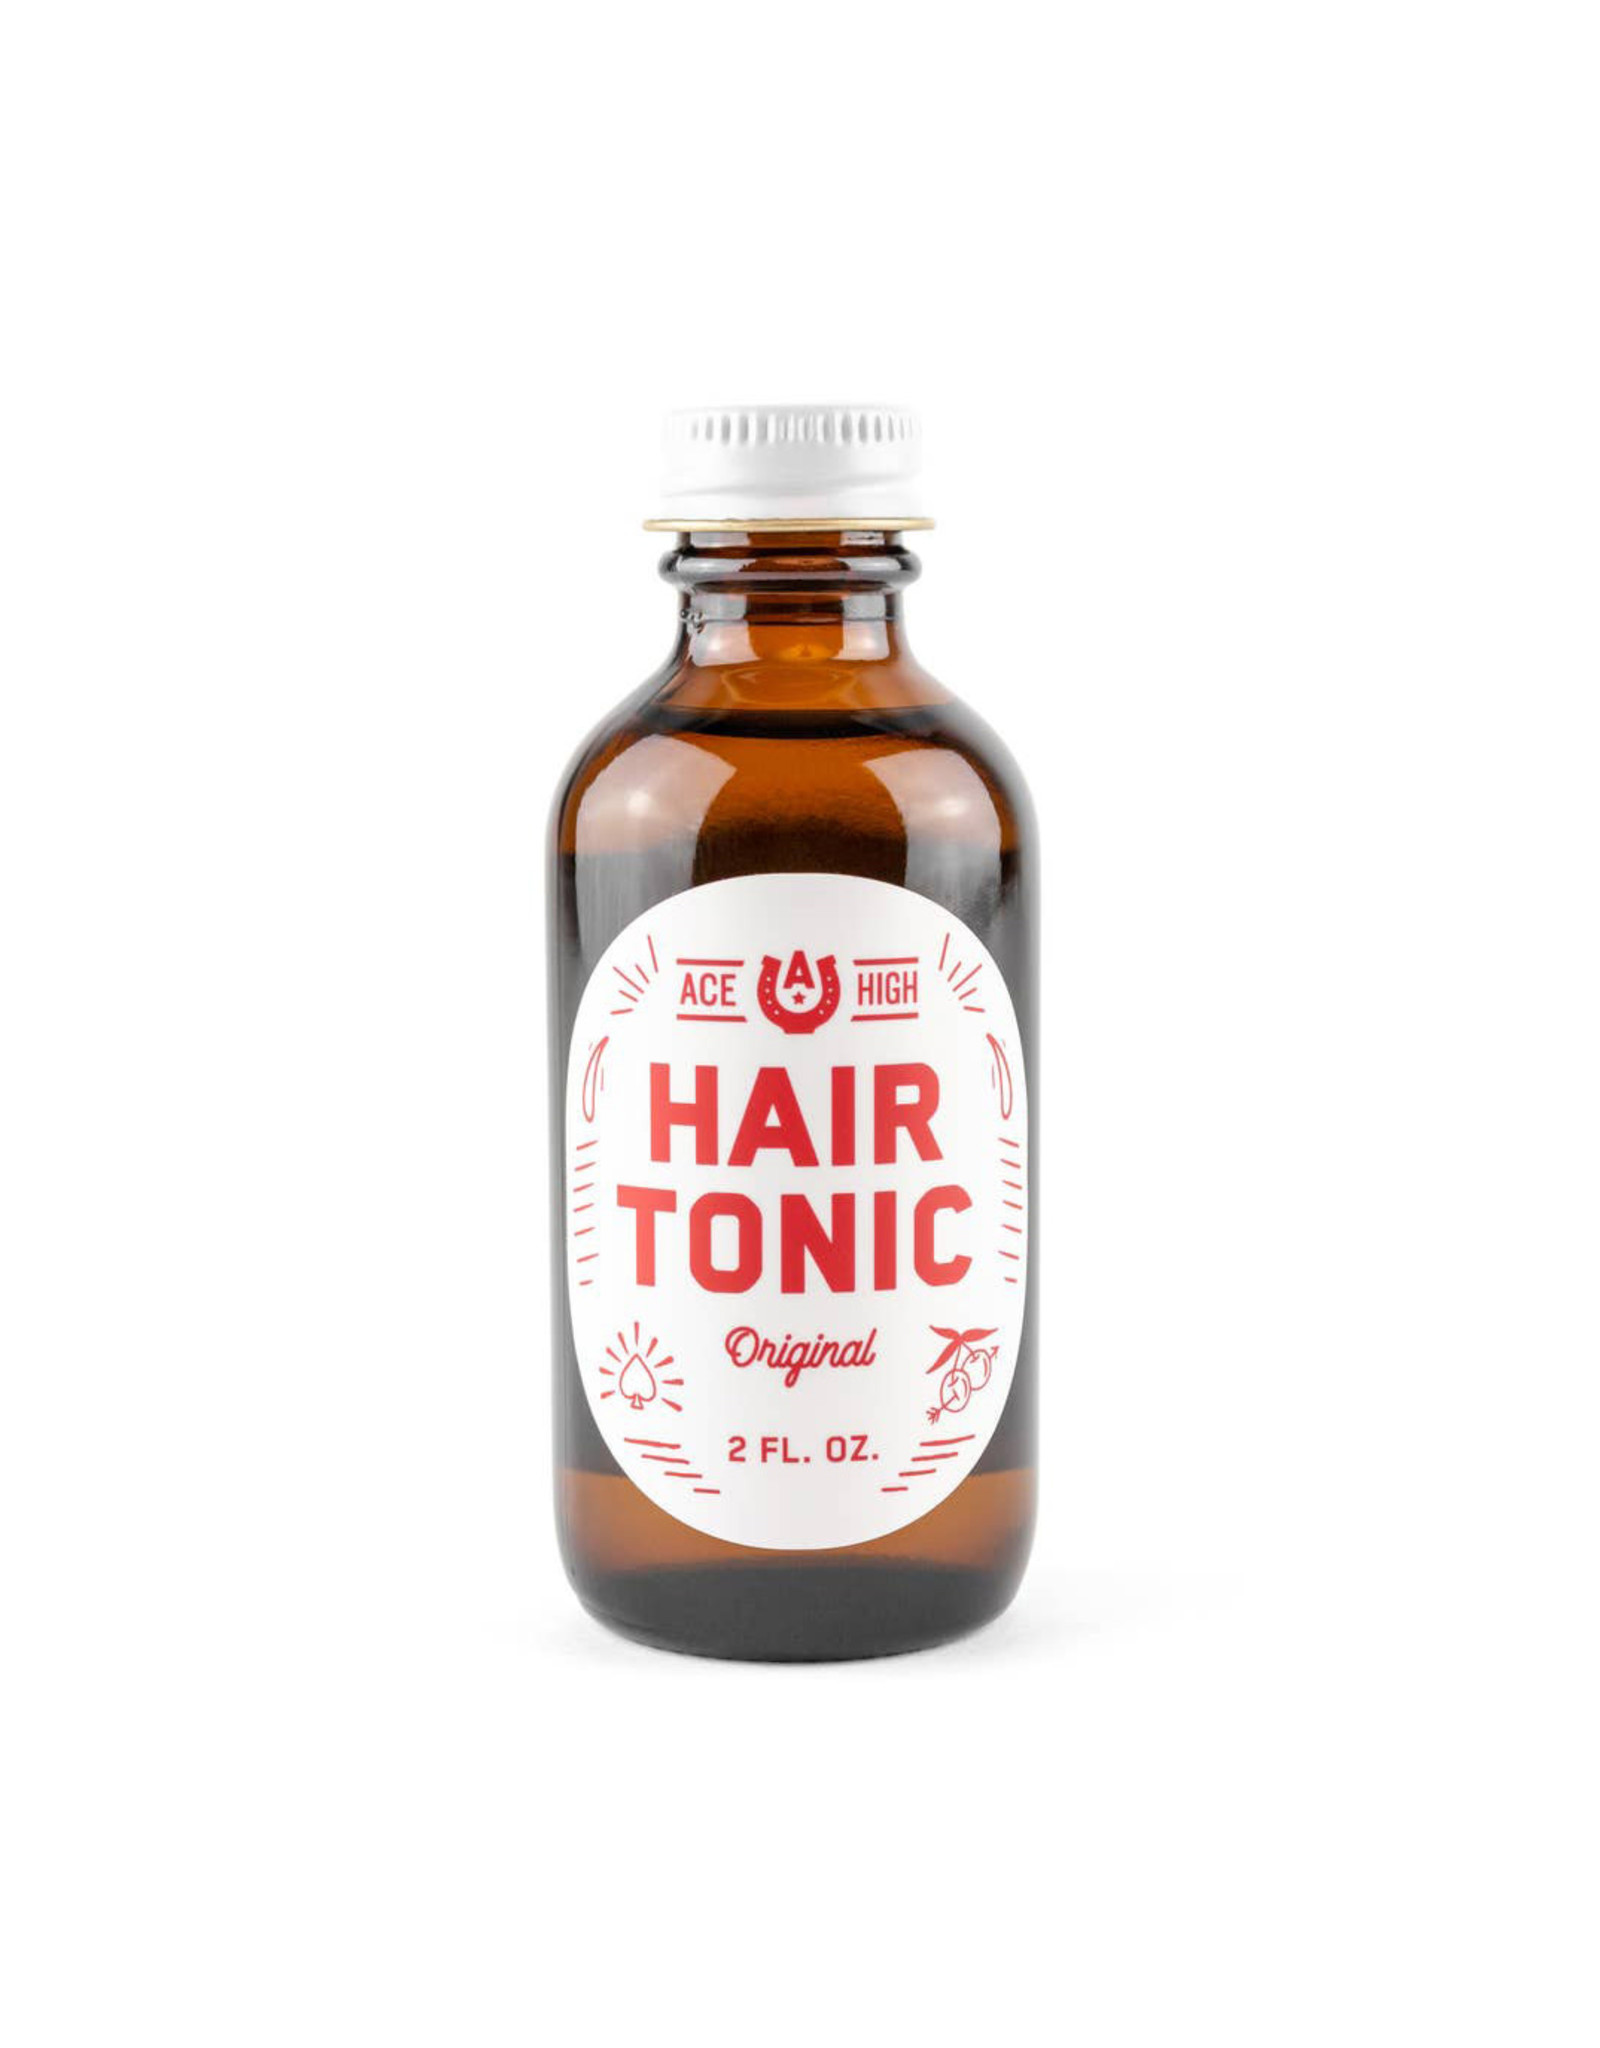 Ace High Hair Tonic